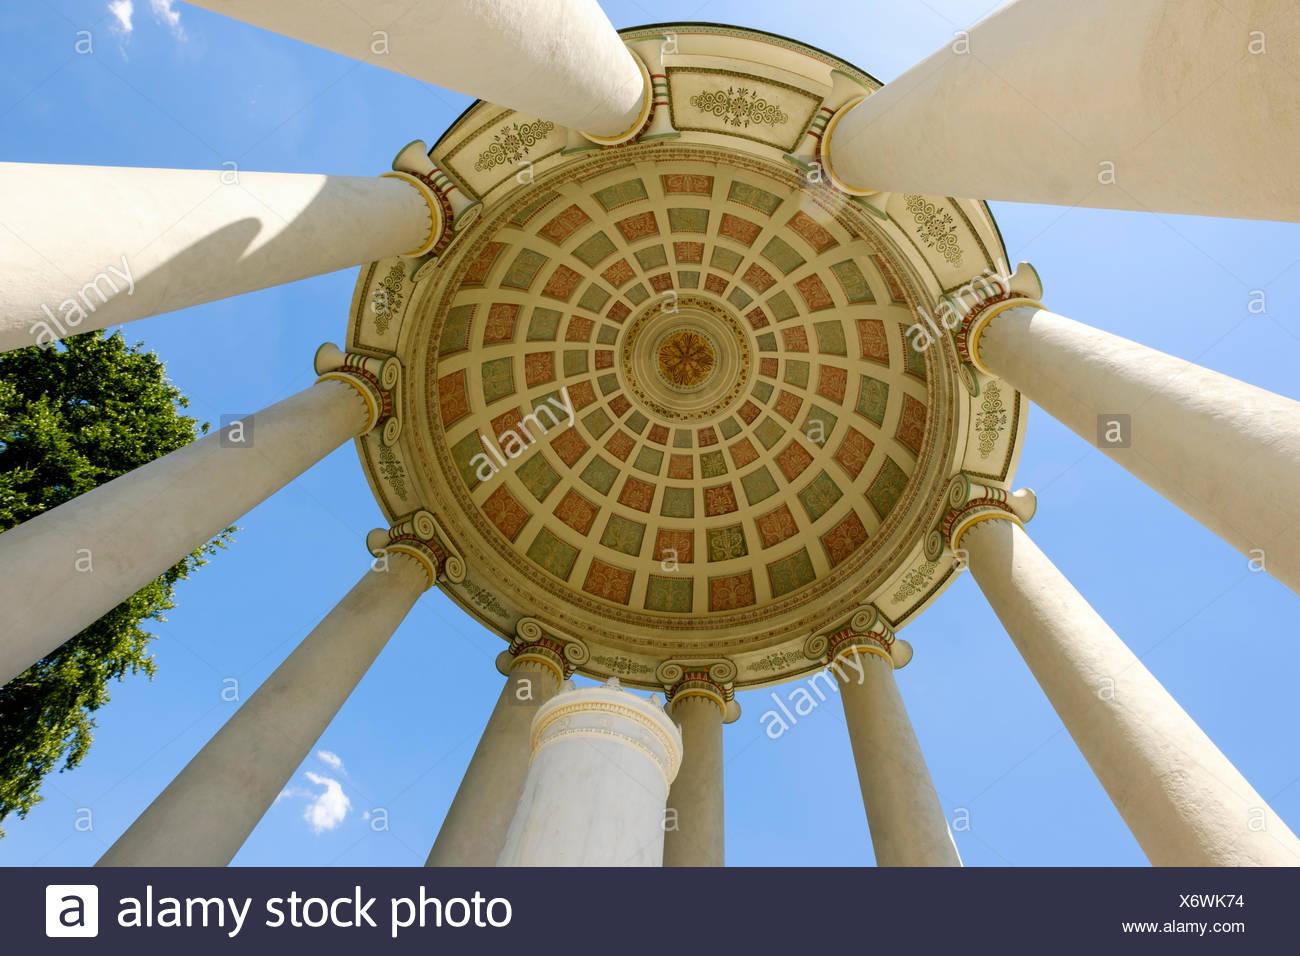 Monopteros, Englischer Garten, München, Oberbayern, Bayern, Deutschland - Stock Image